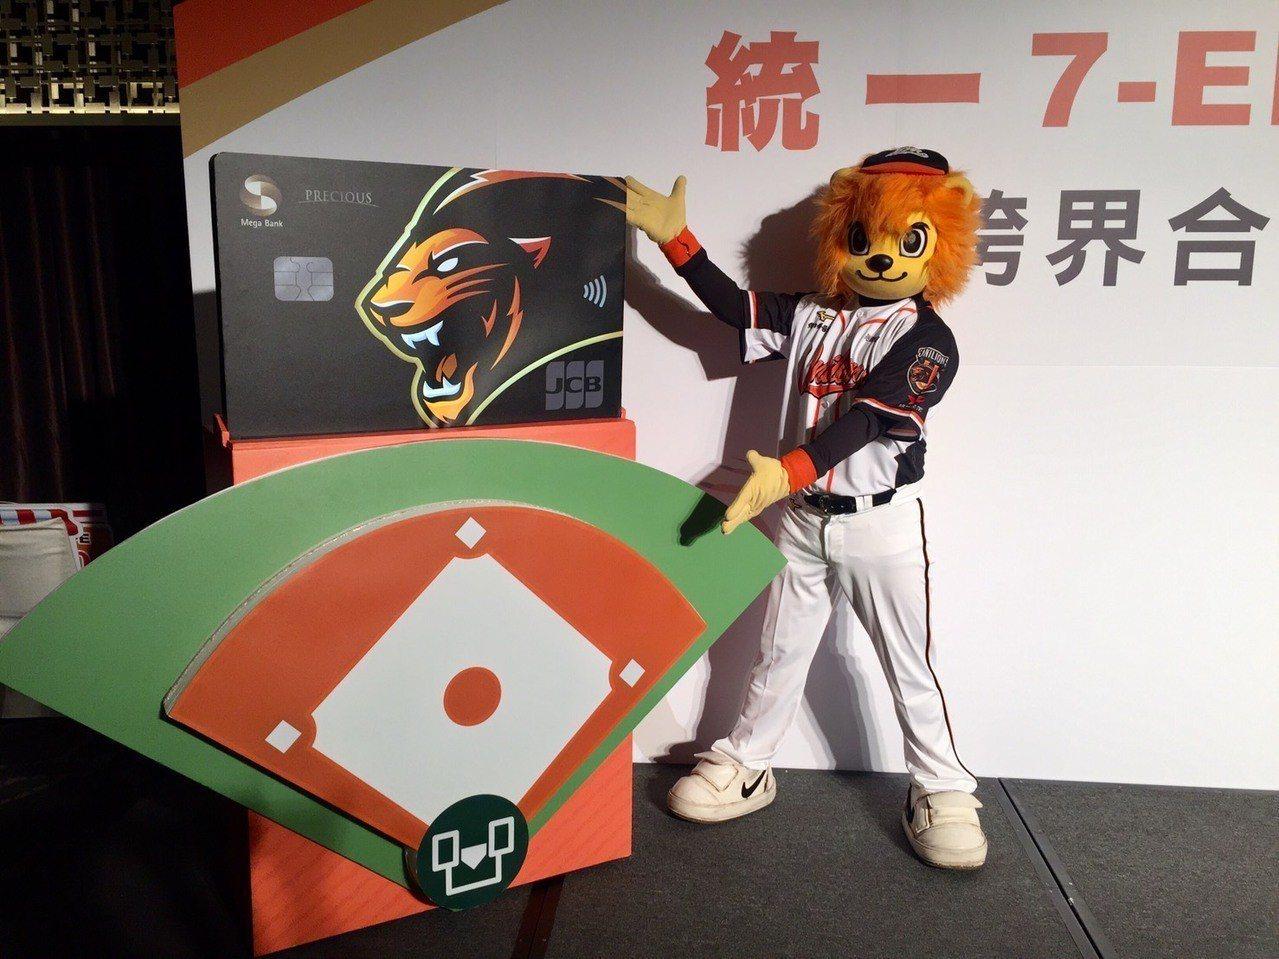 兆豐銀行與統一棒球隊宣布結盟跨界合作,兆豐銀將長期贊助統一 7-ELEVEn獅,...